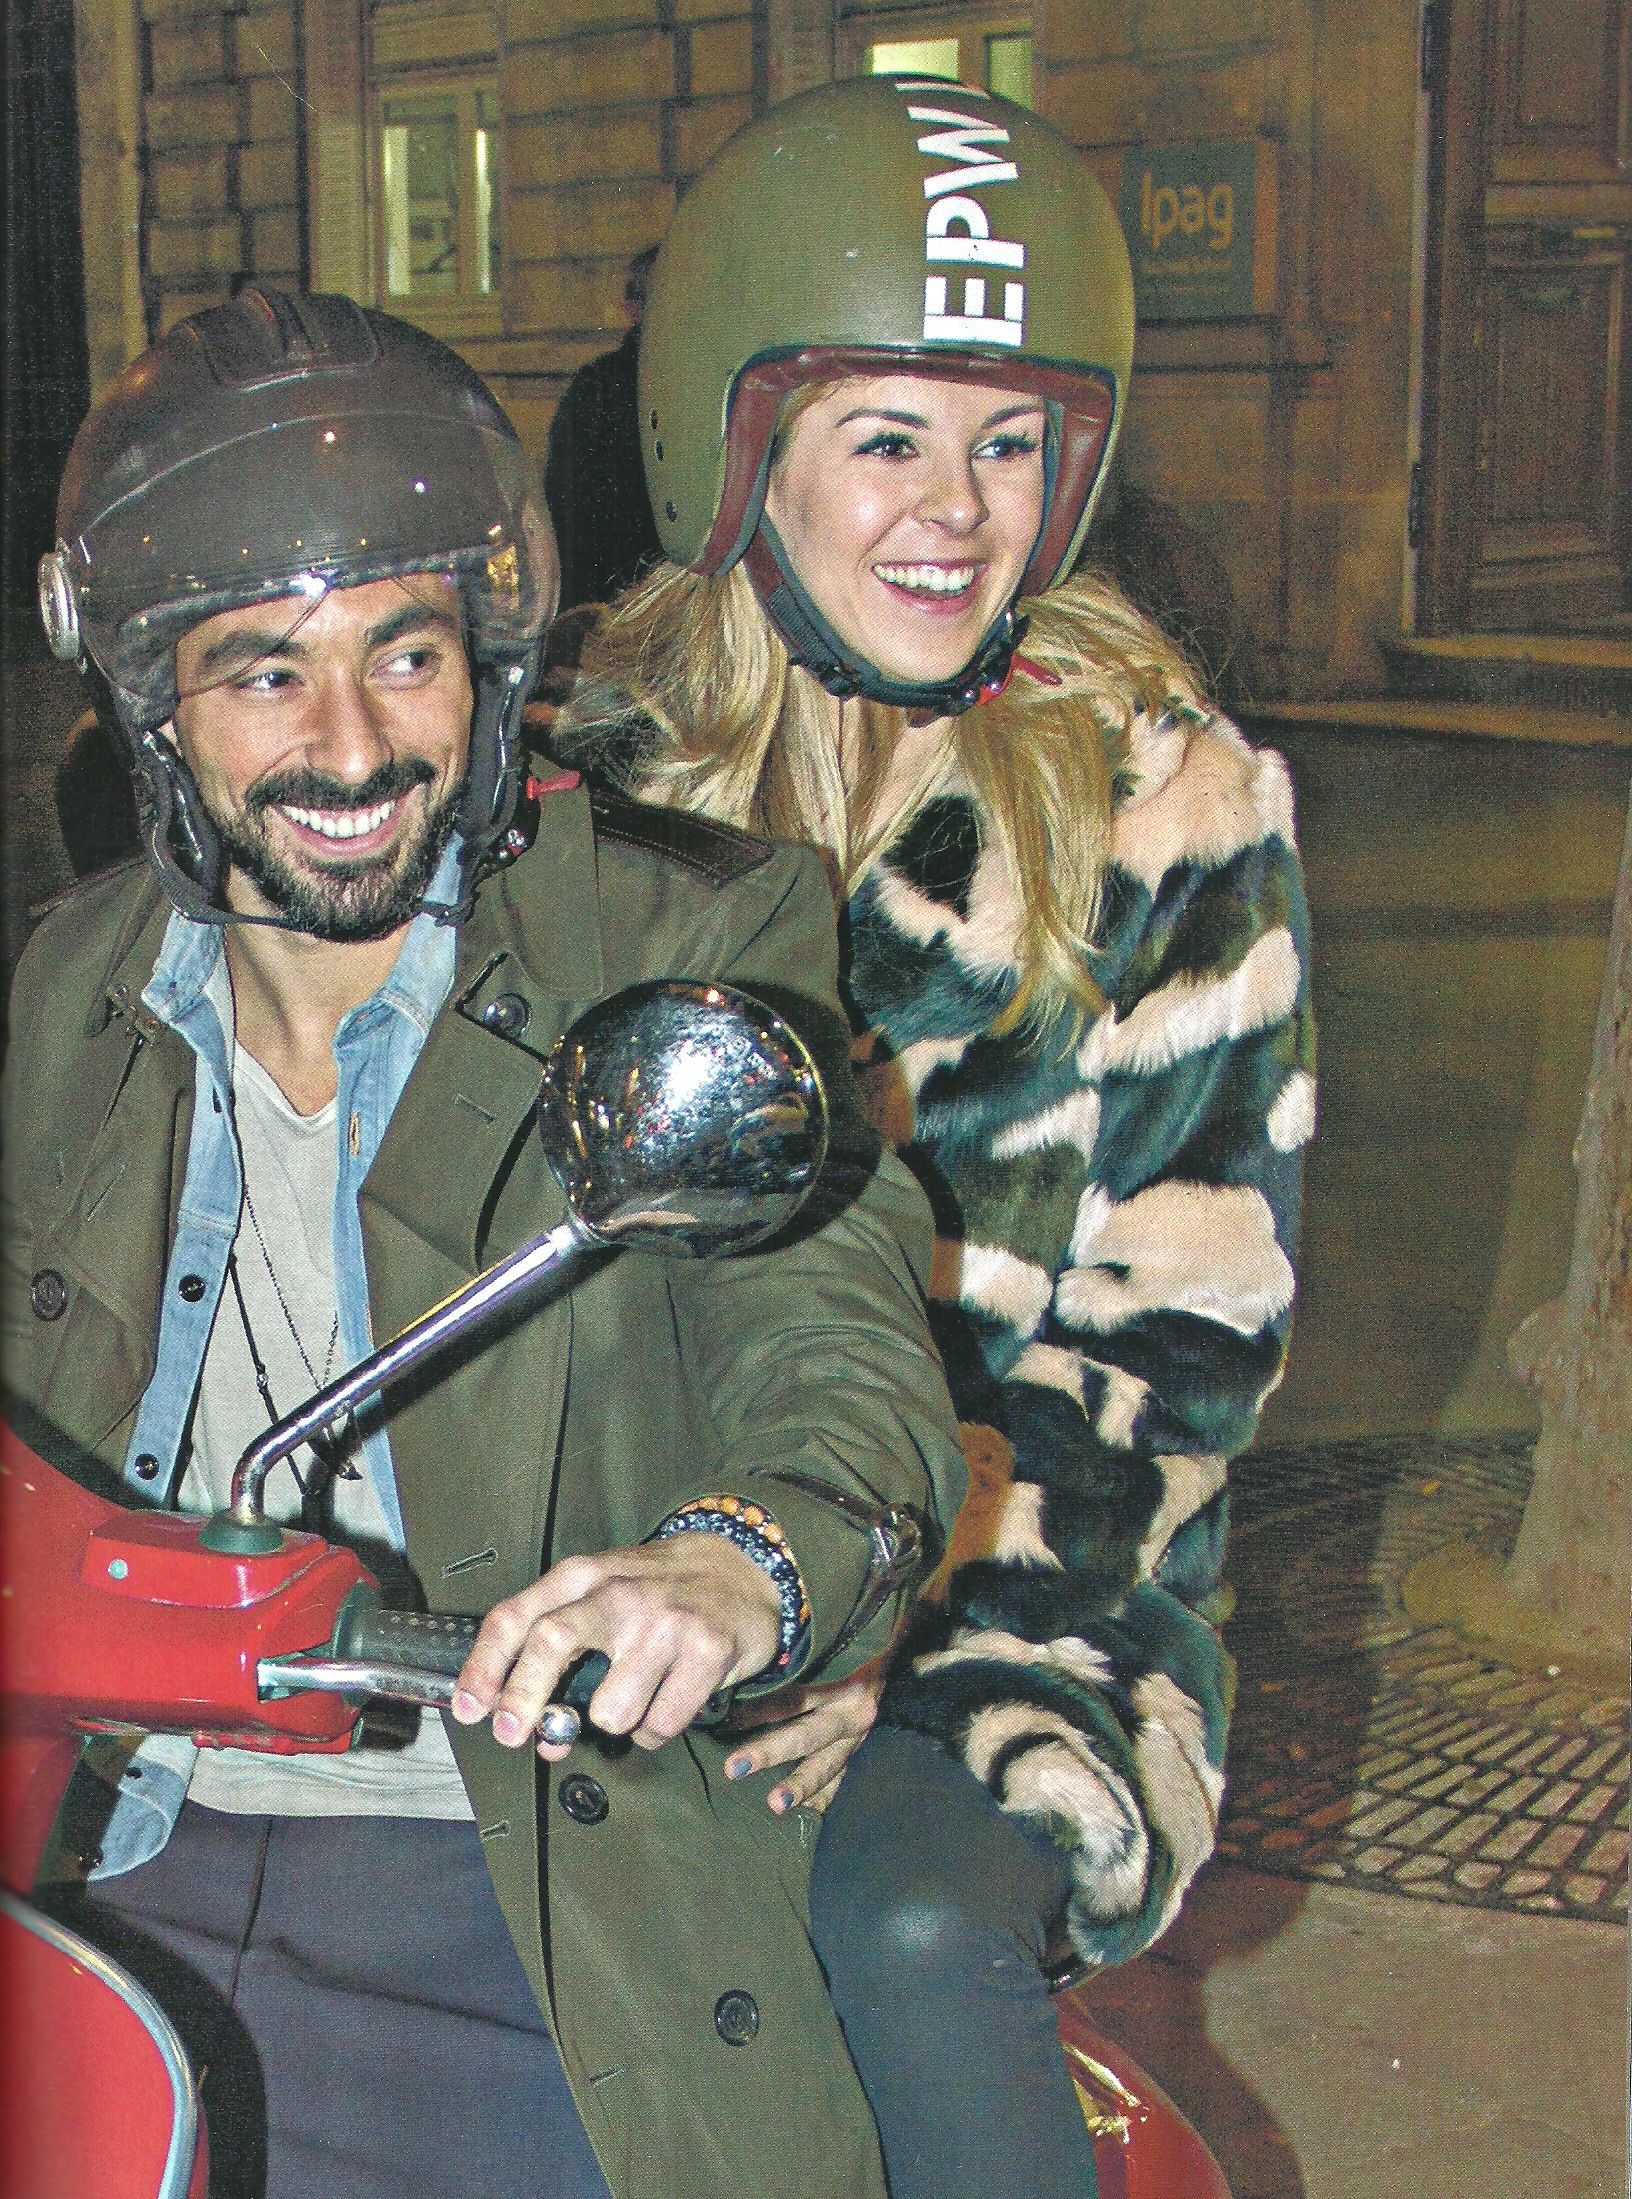 Pareja cool: El Pocho Lavezzi y Yanina Screpante pasean en moto por París